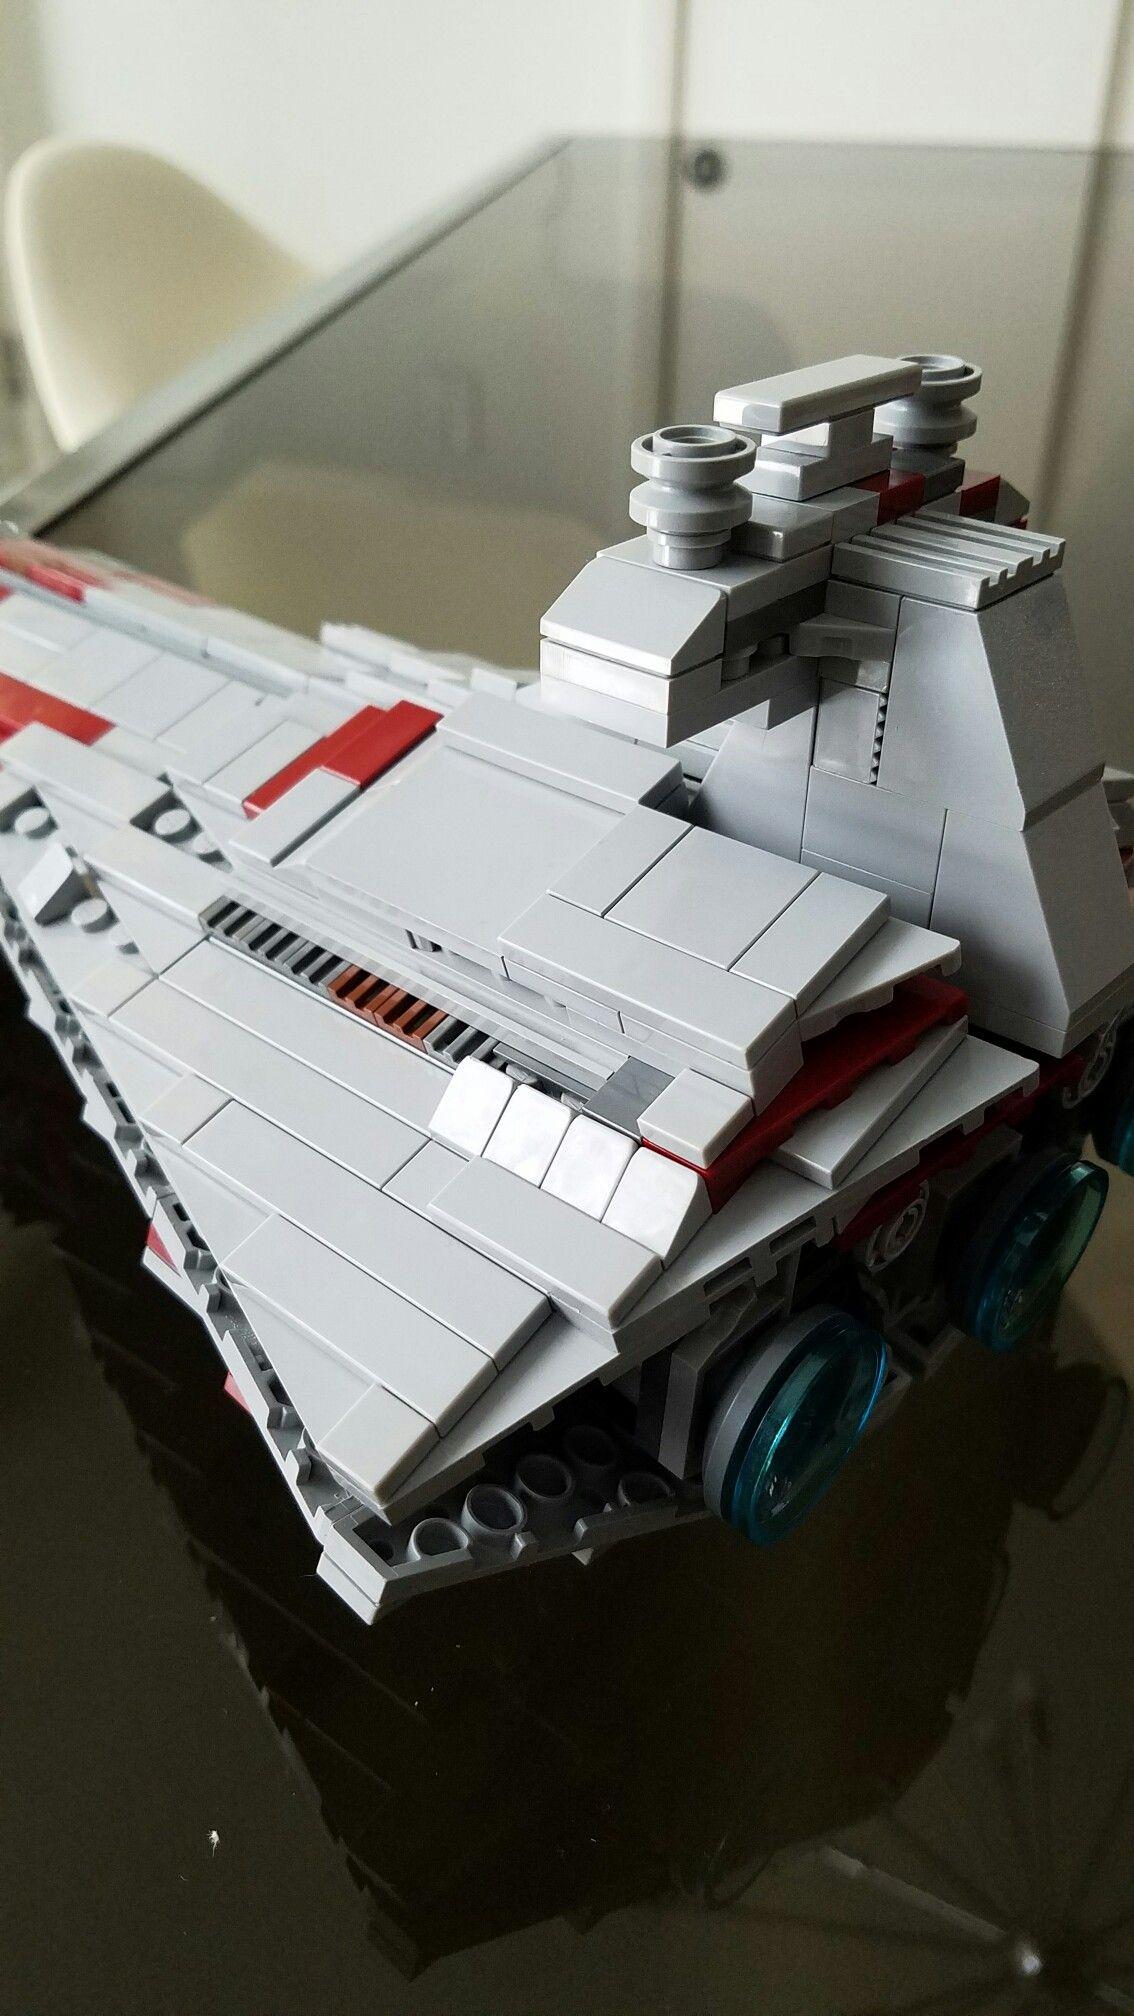 Moc star destroyer lego #starwars #lego #legomoc #imperialstardestroyer #stardestroyer